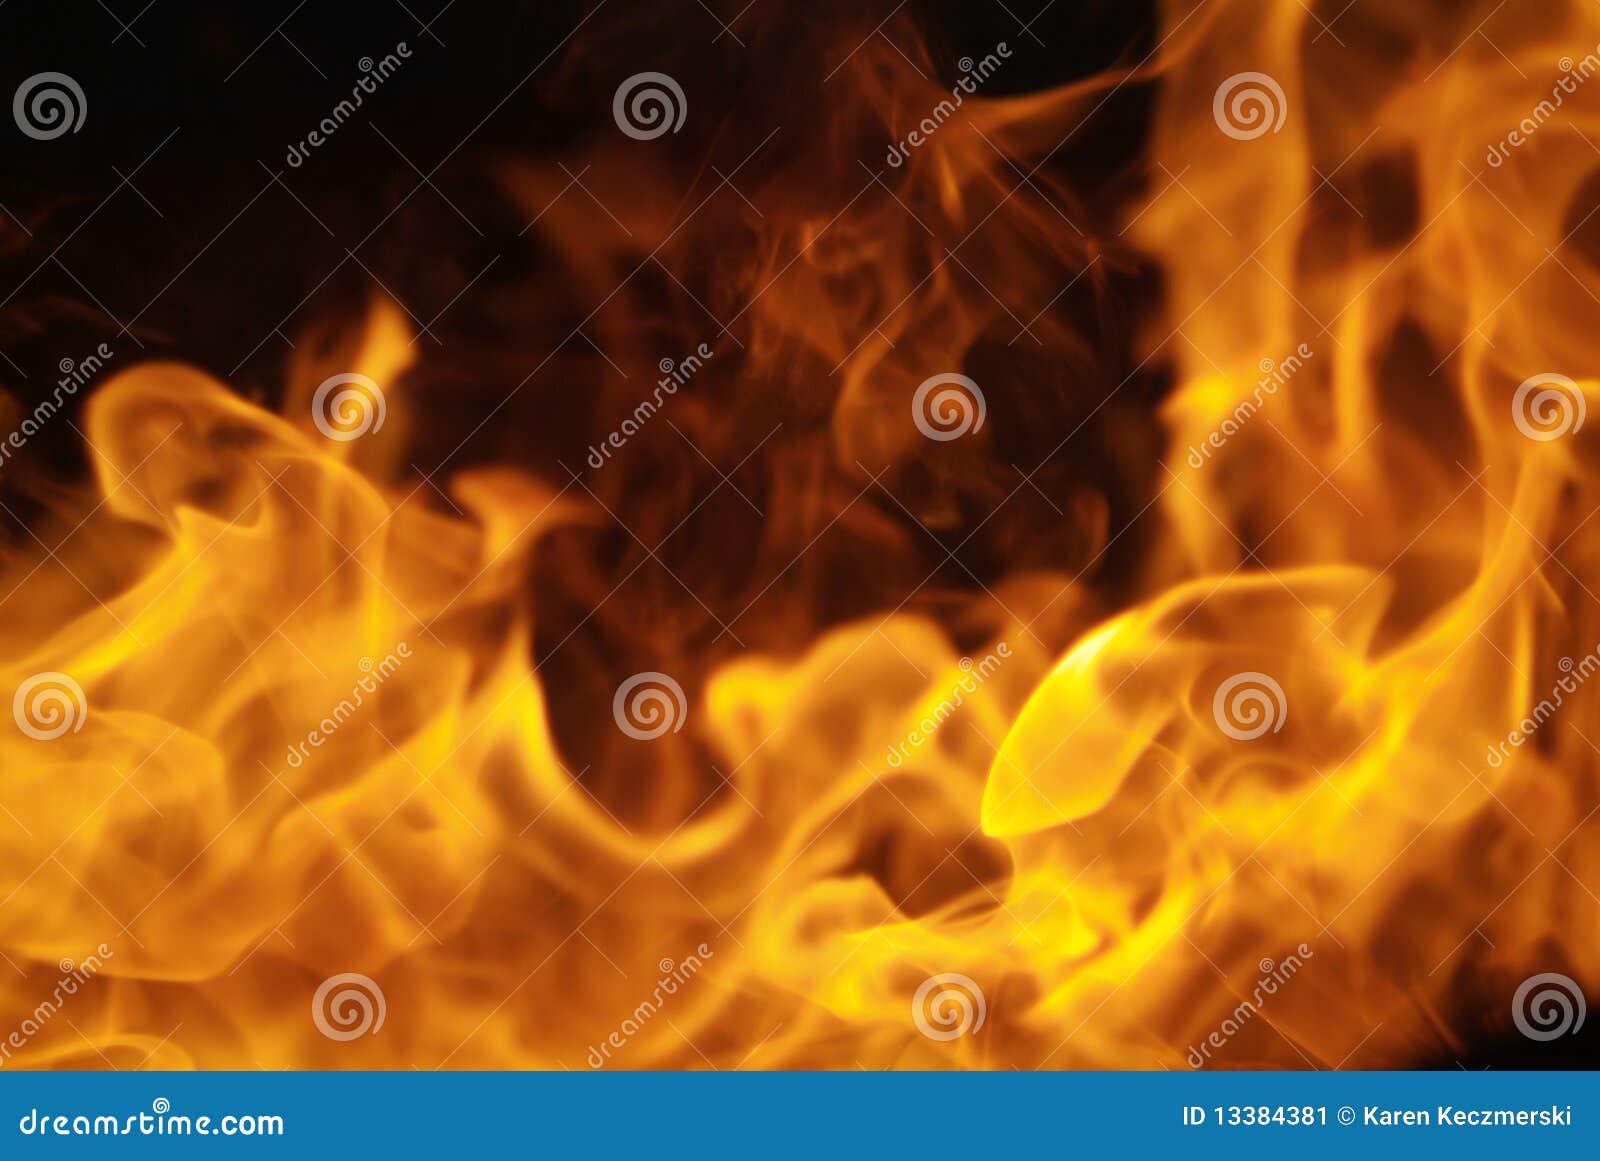 Bordo ardente del fuoco